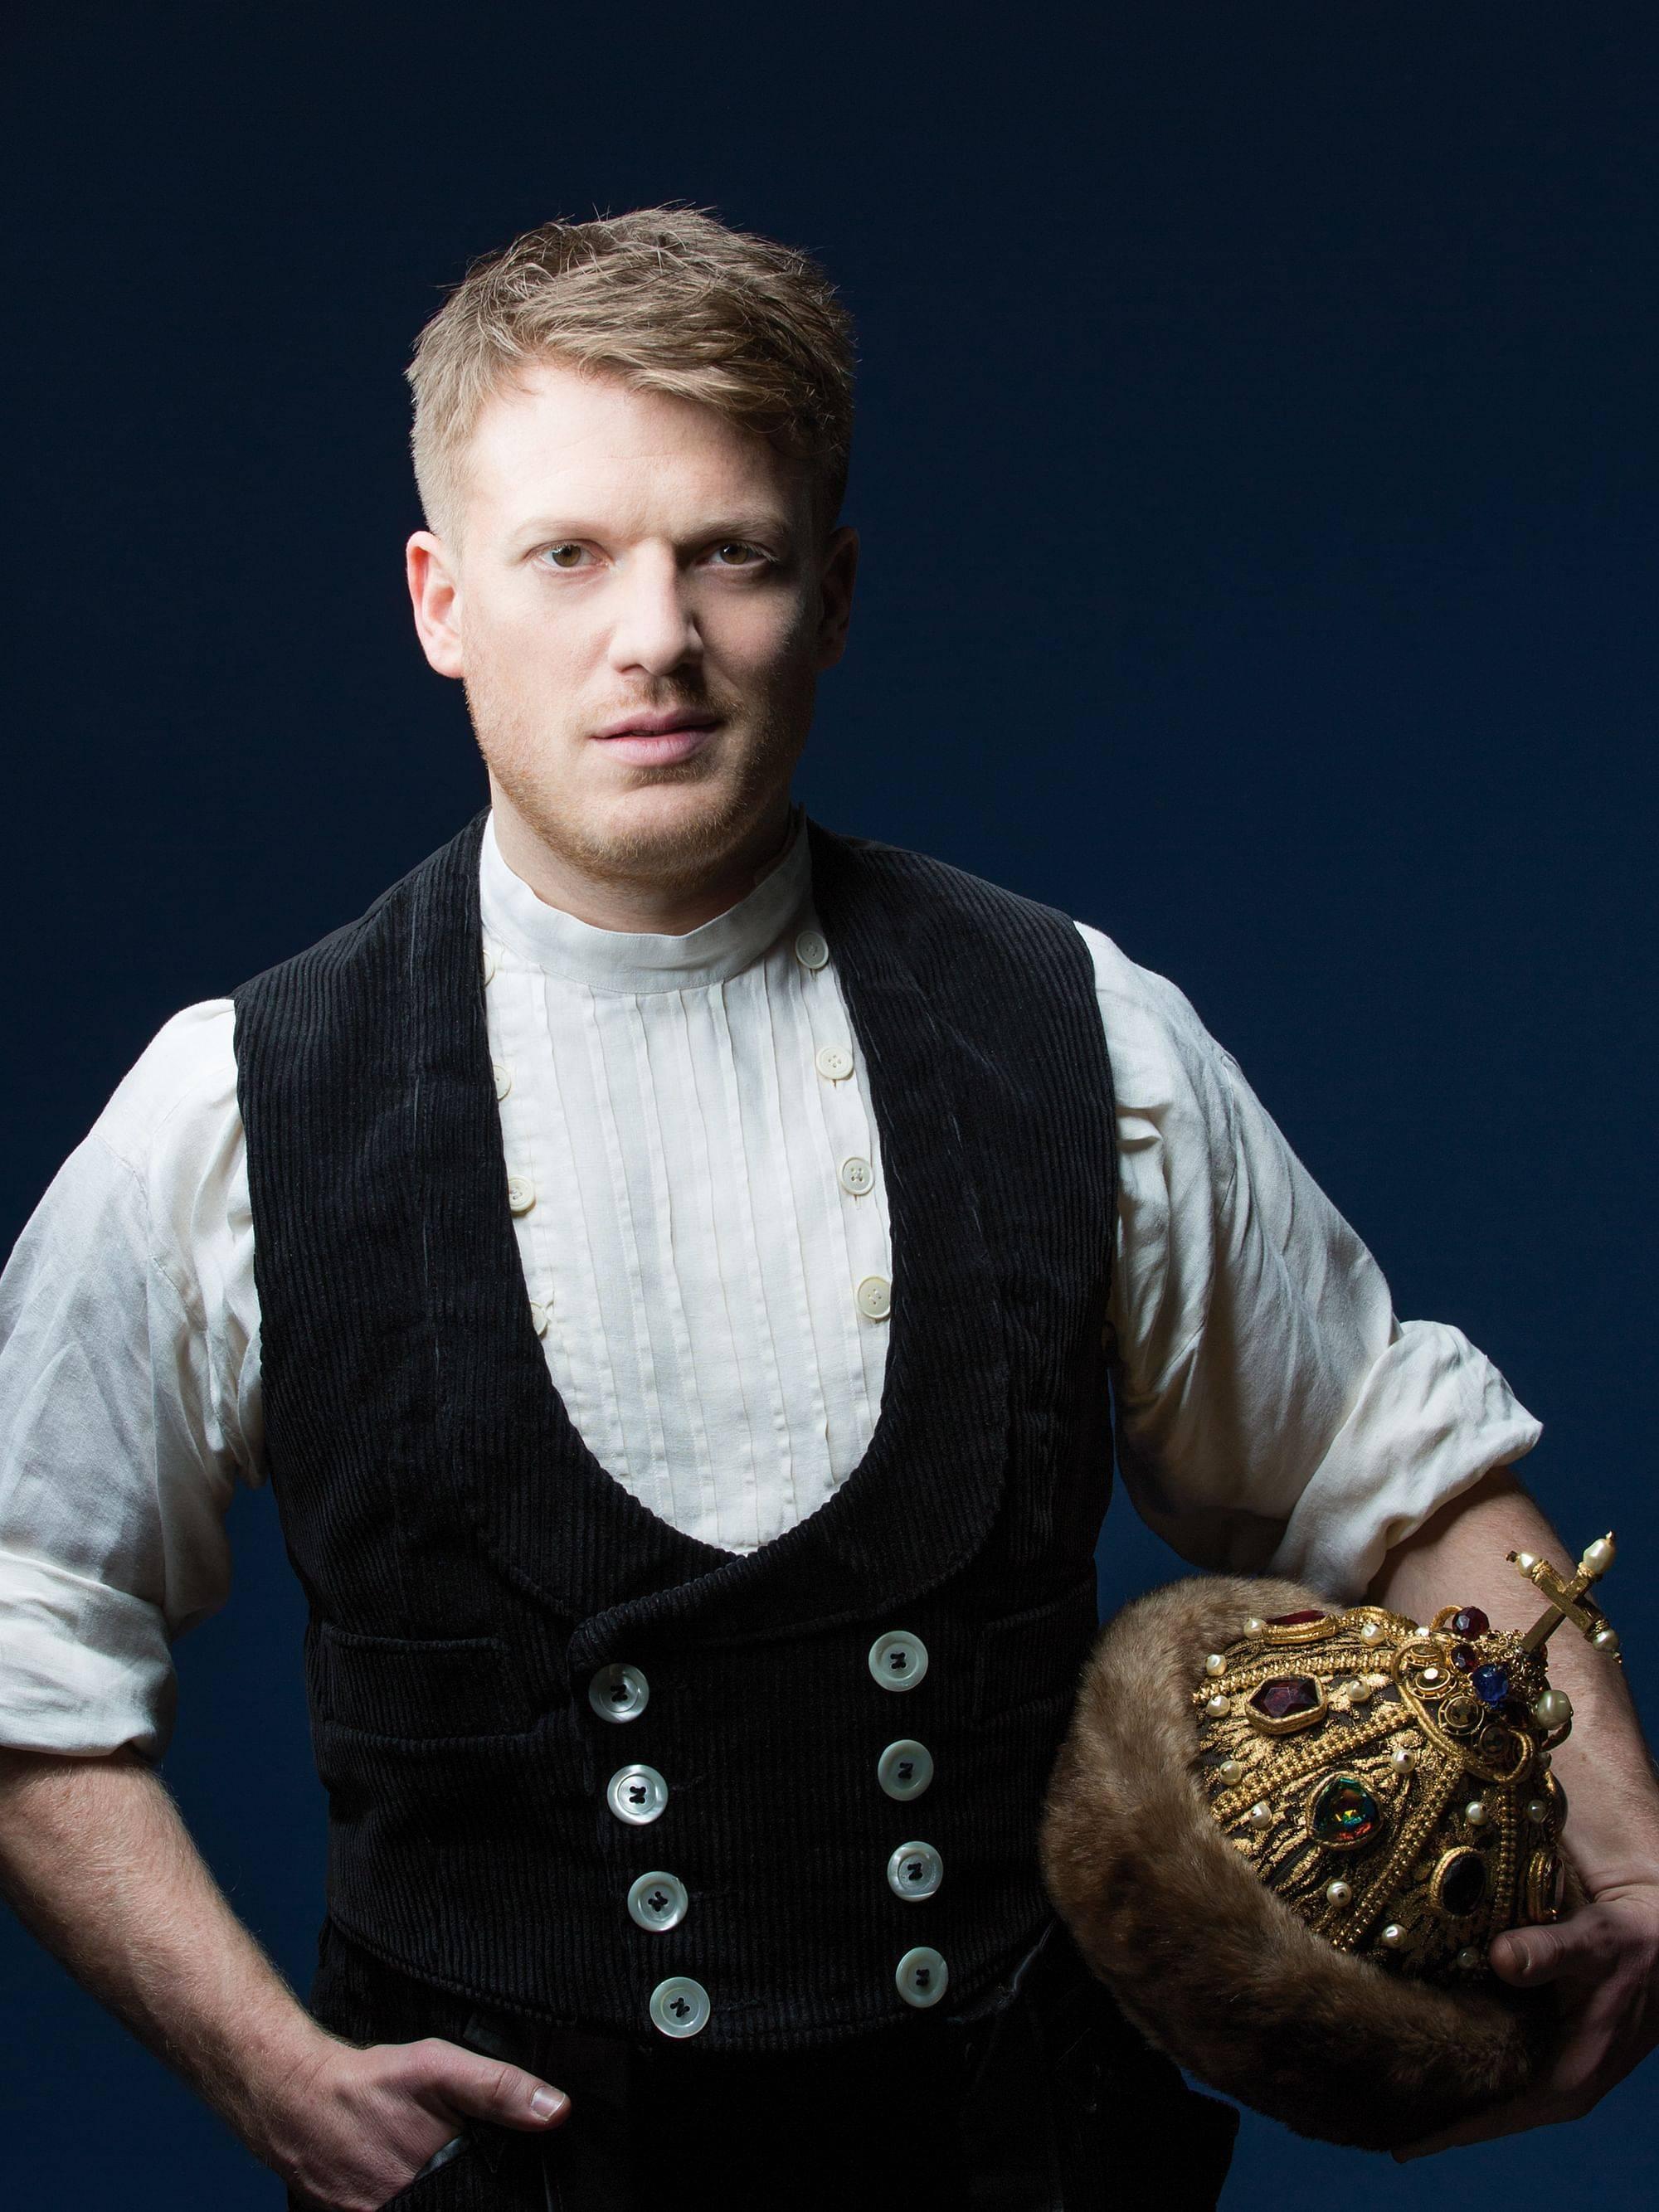 Bildergebnis für wiener volksoper zar und zimmermann